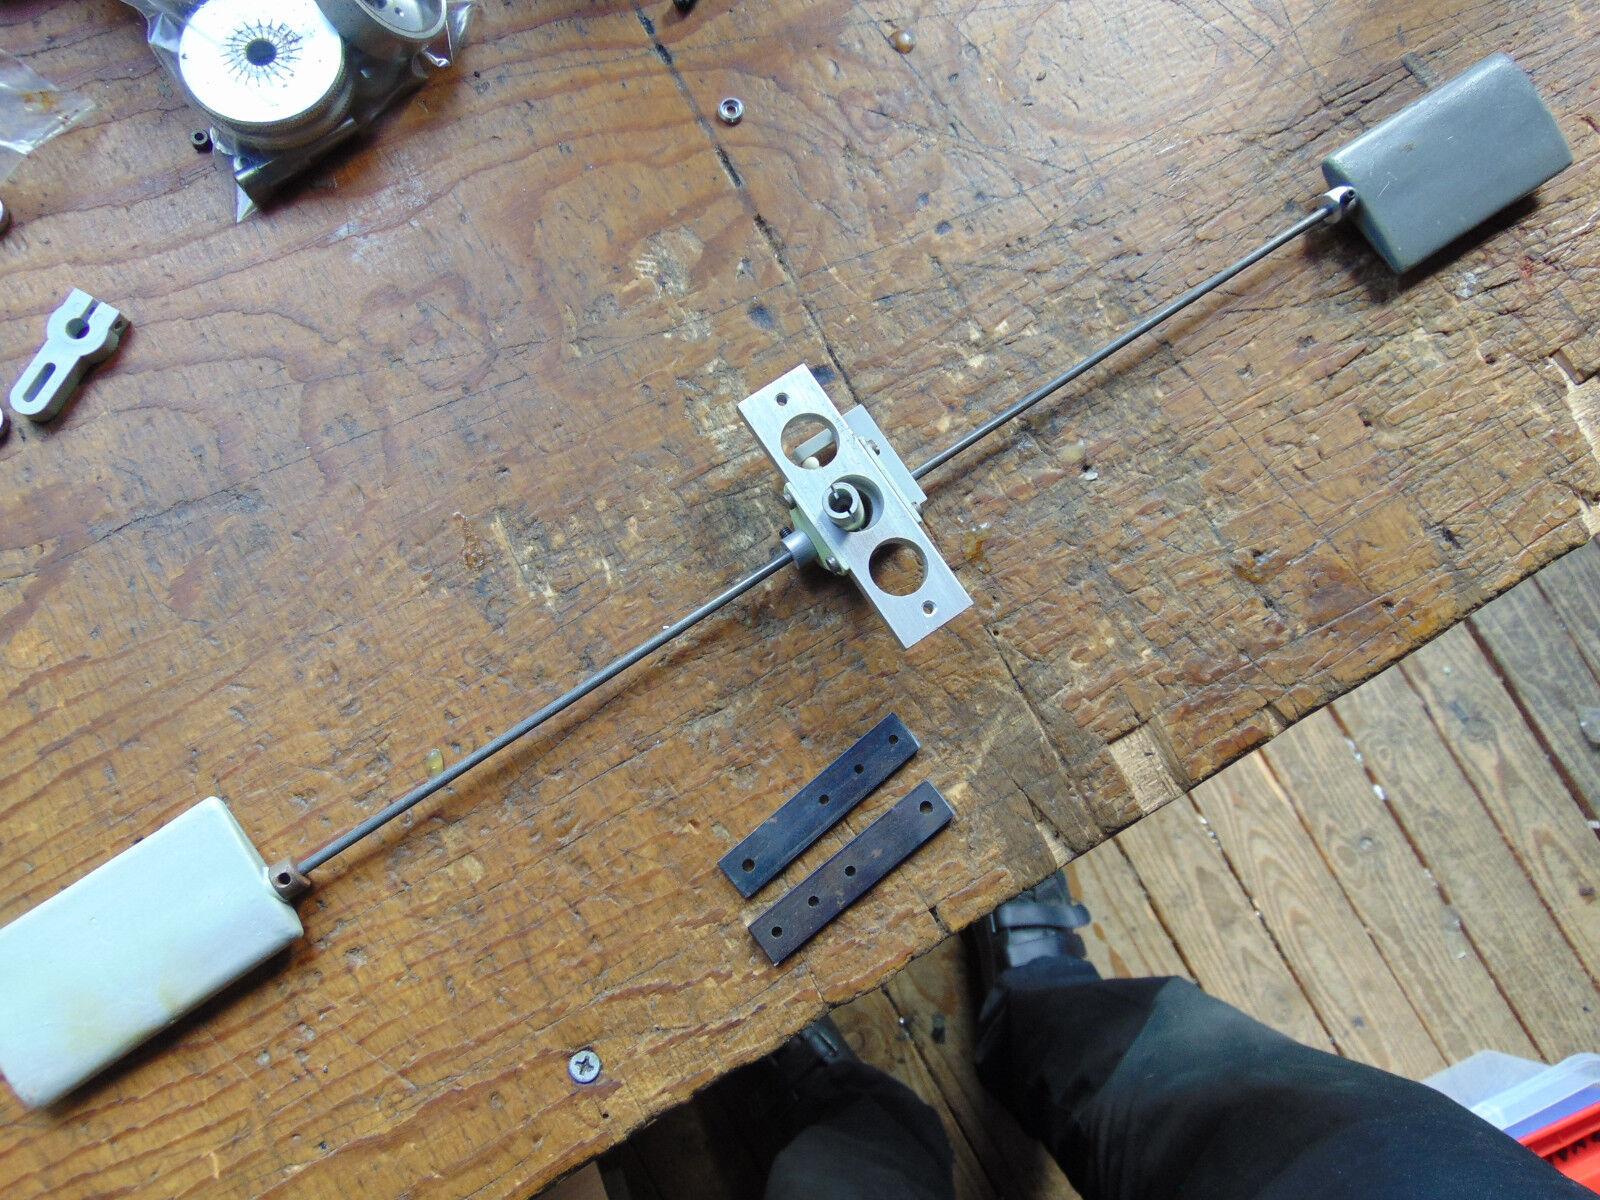 MICROMOLD LARK testa del rotore principale assieme C/W Lama GRIPS Flybar Seesaw ecc. inutilizzato